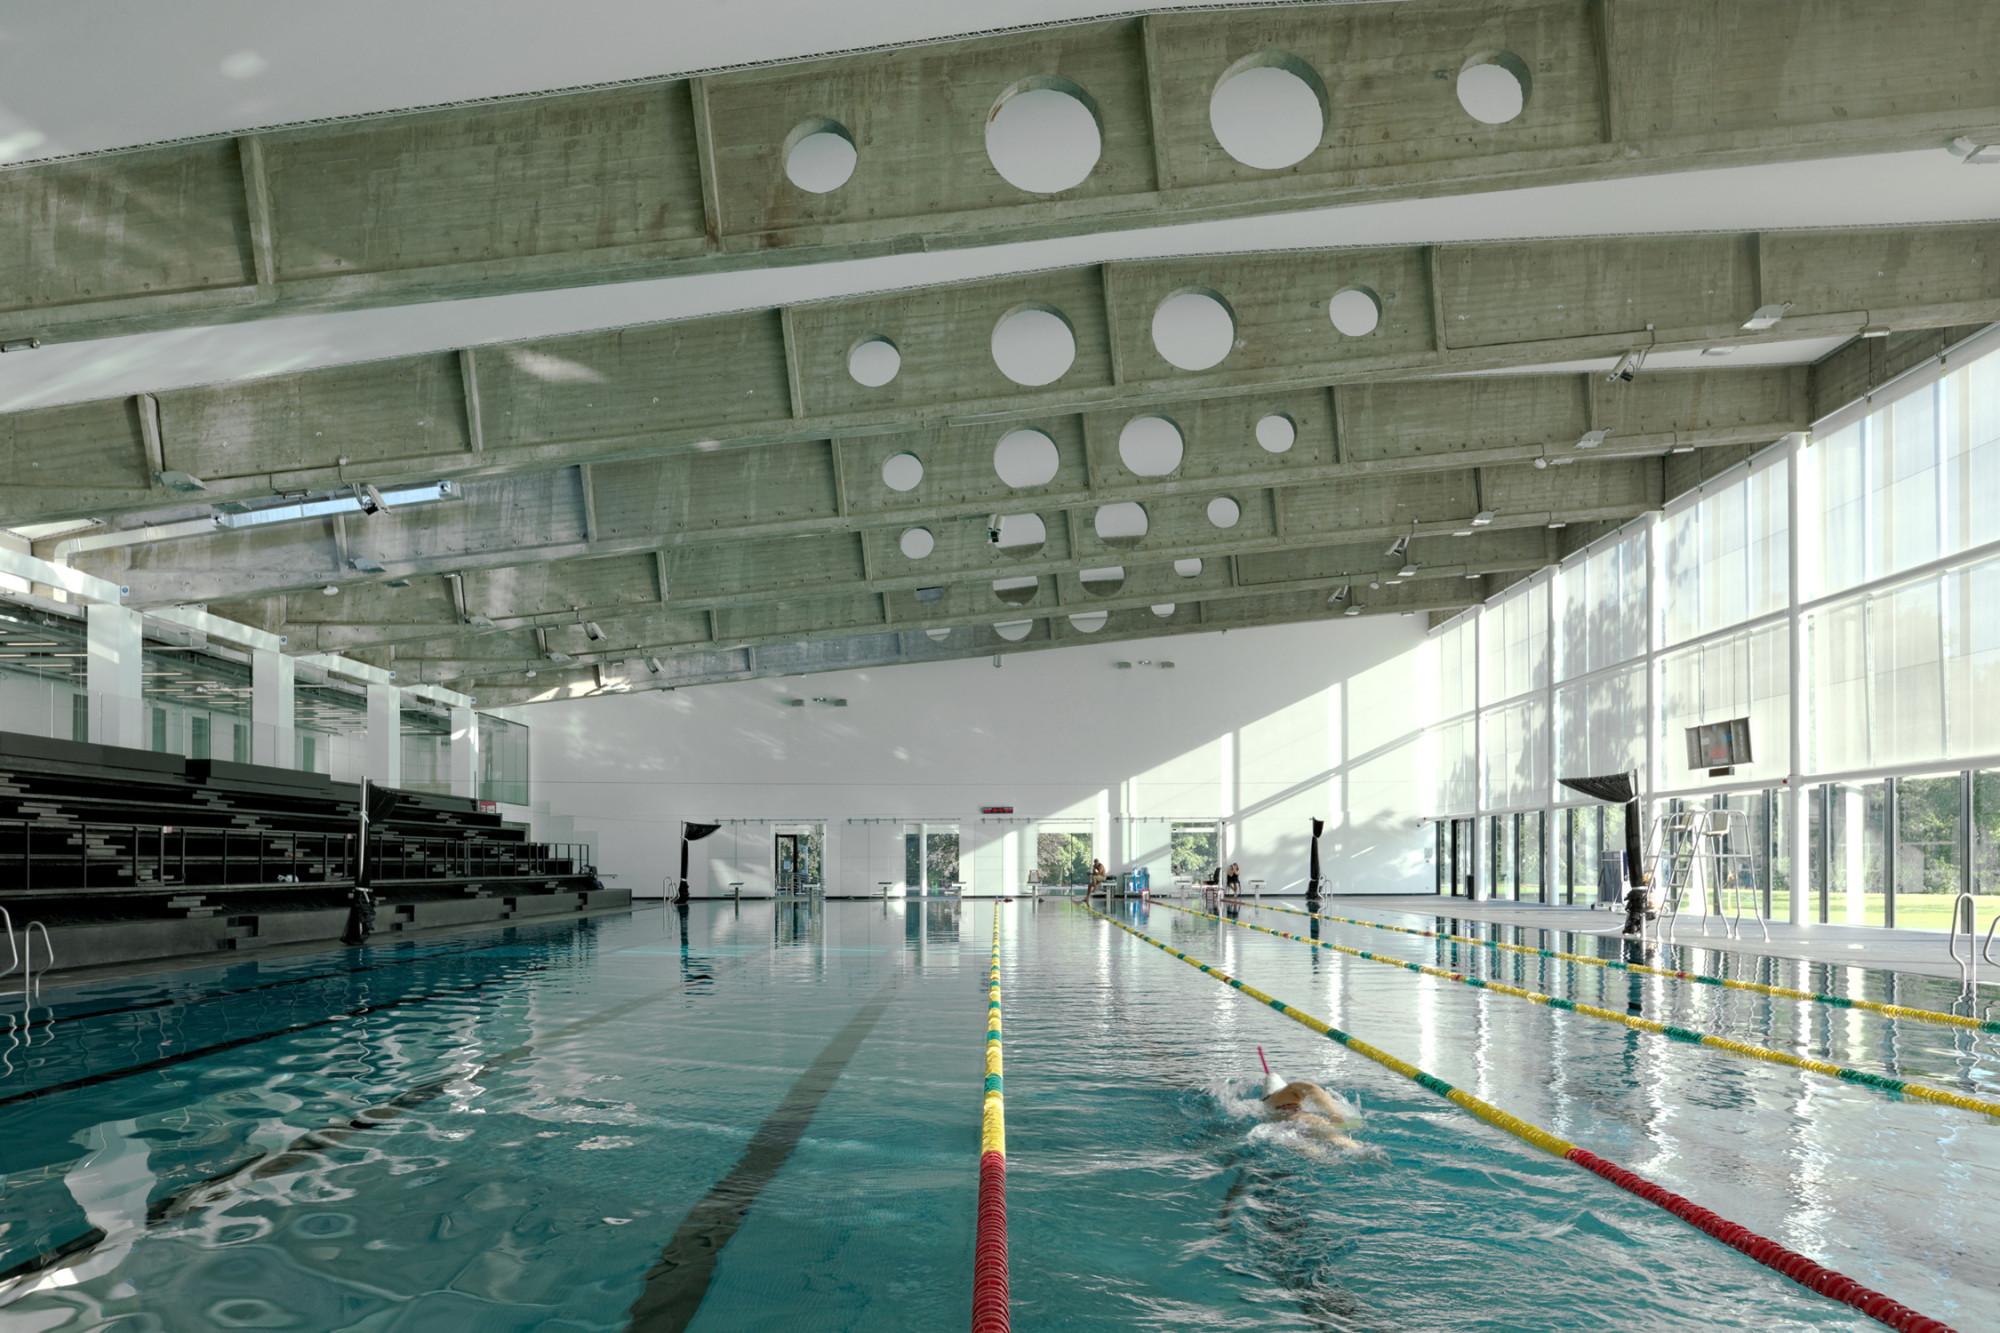 Schwimmbad Kibitzenau In Stra 223 Burg Glas Sport Freizeit